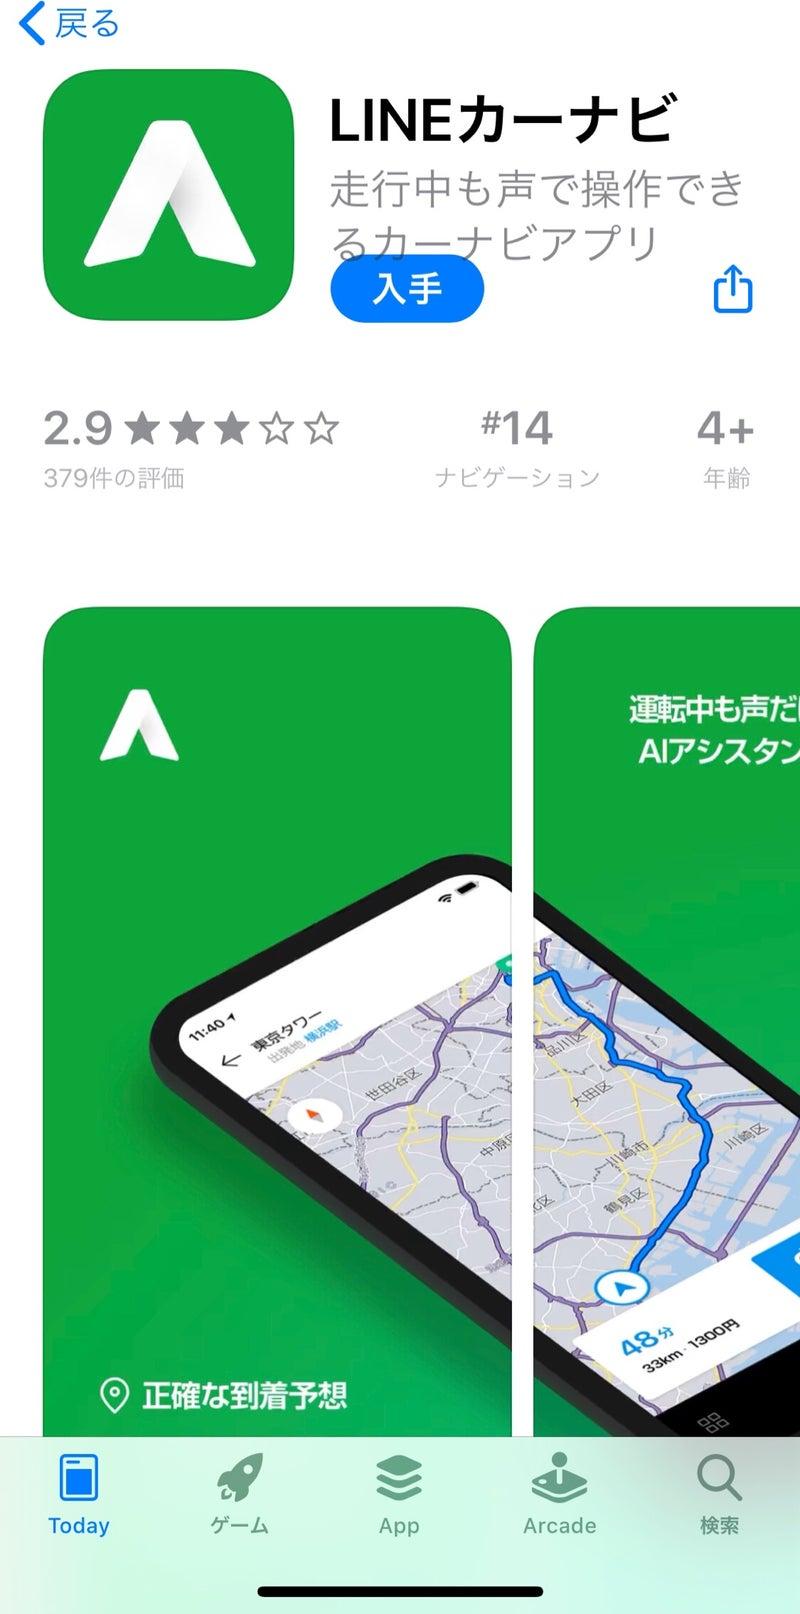 line カーナビ ダウンロード